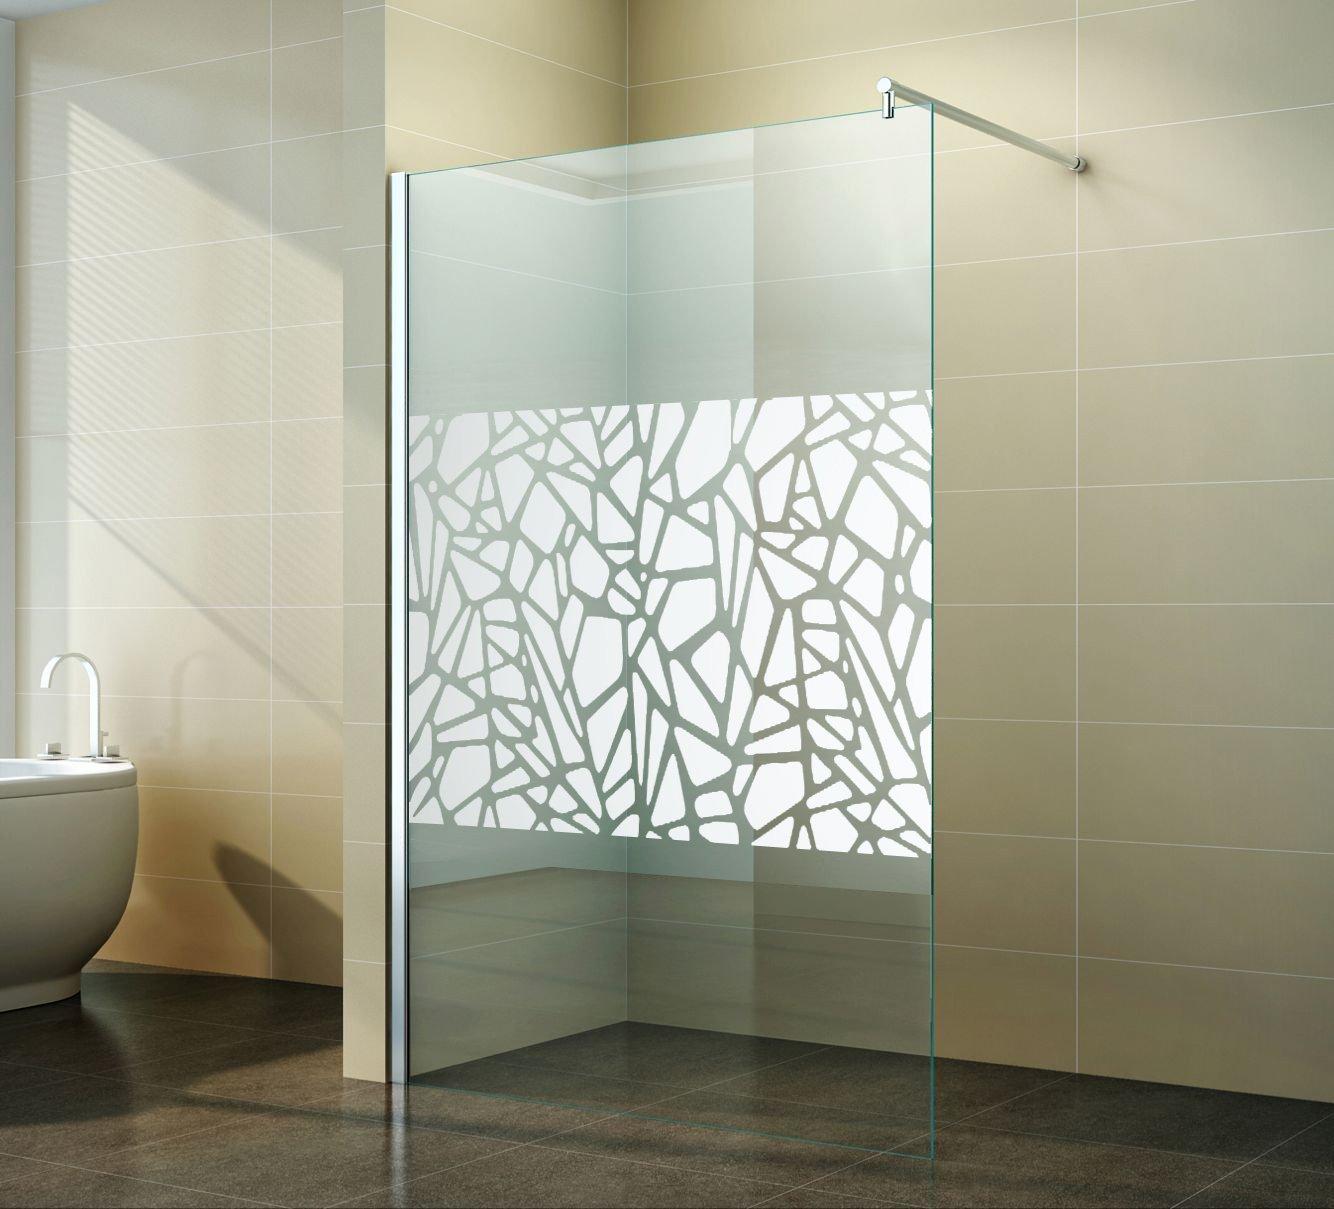 Walk in Mampara | Diseño de scherben | Espejo | ducha pared, vidrio de ducha, pie